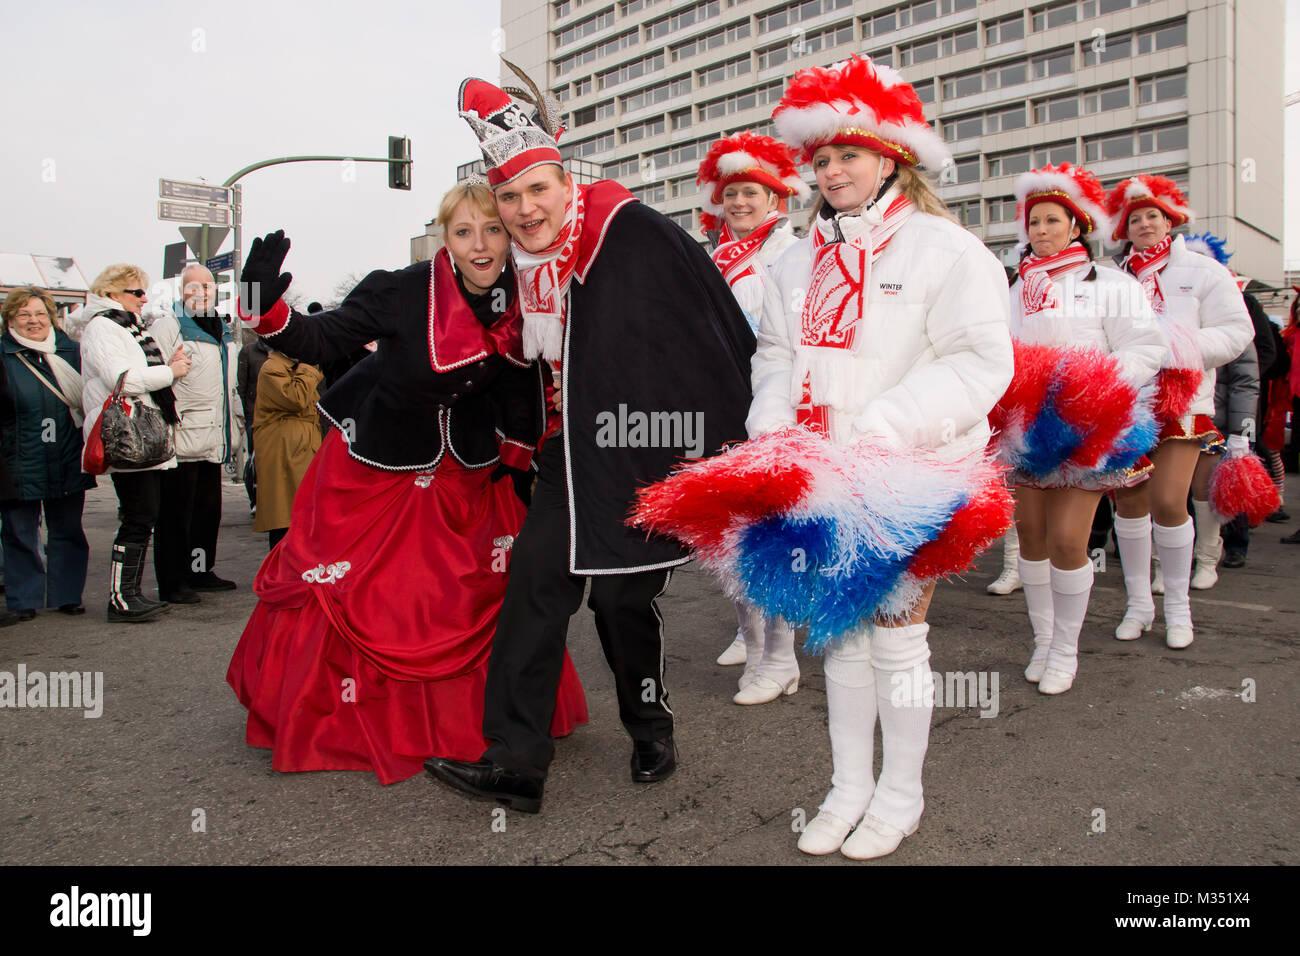 Funkenmariechen beim Karneval in Berlin mit kleinliche Auflagen für ...